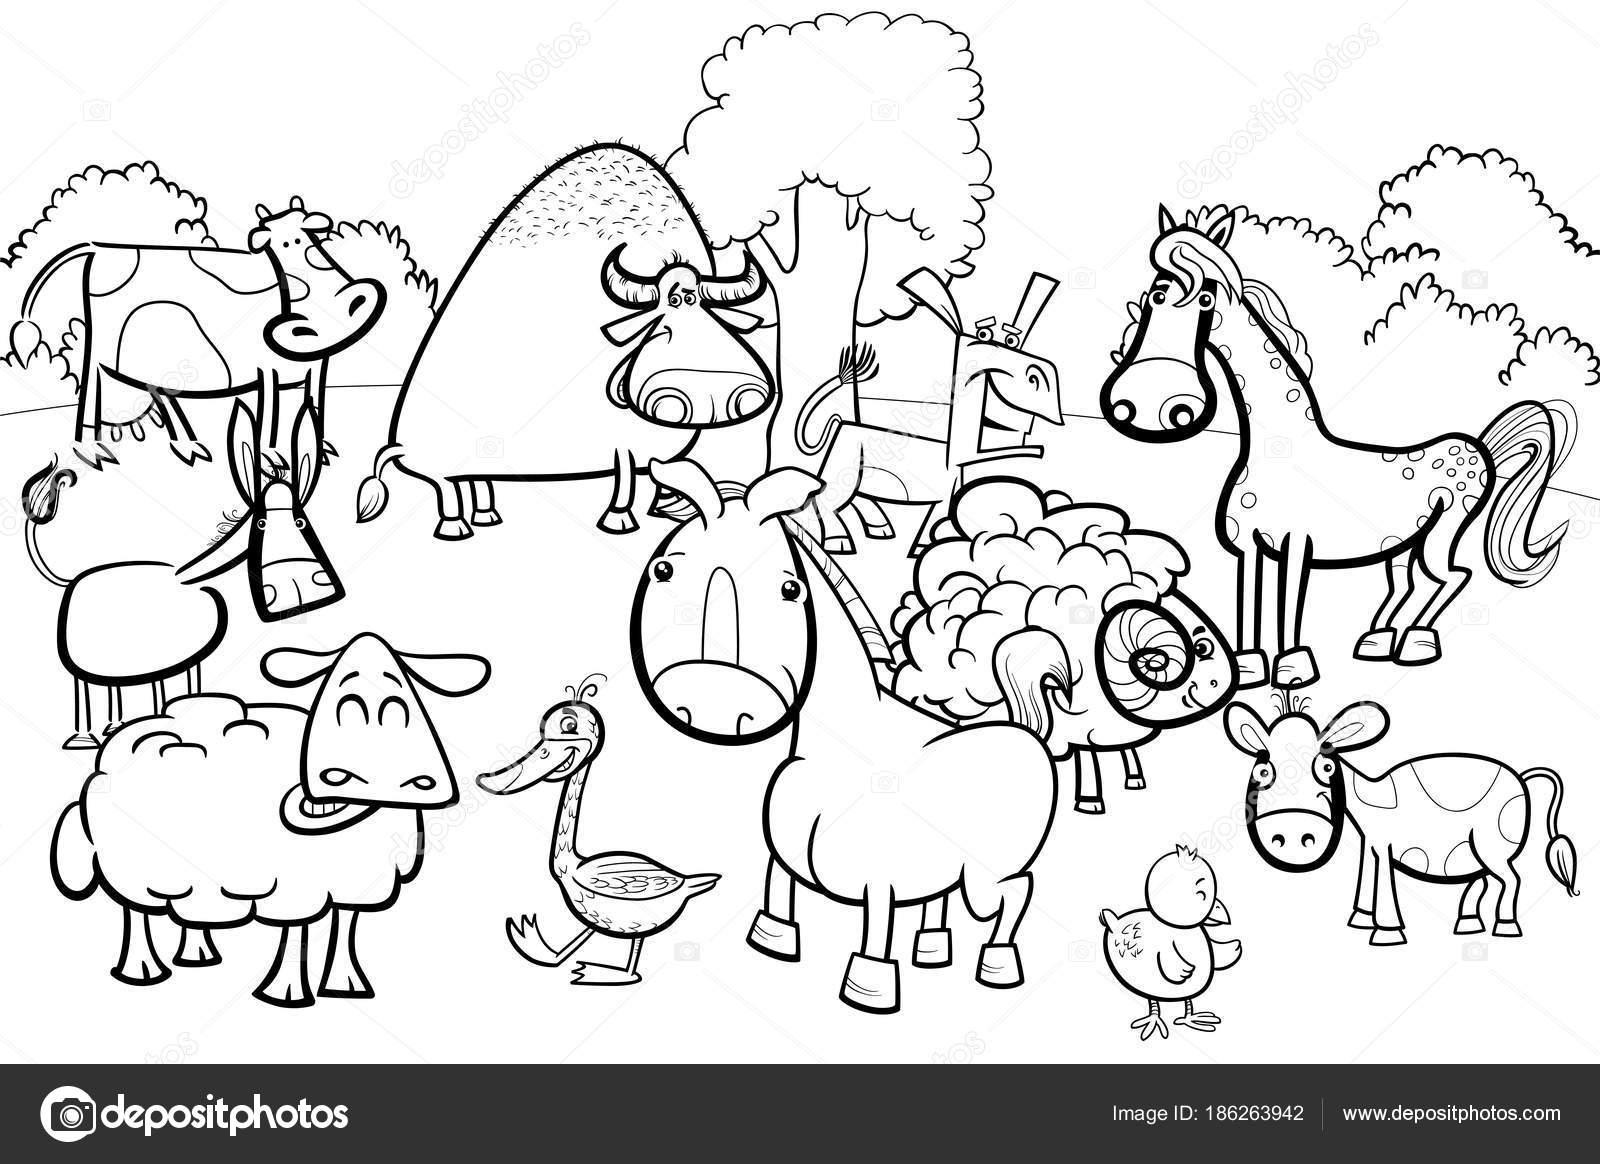 çizgi çiftlik Hayvan Kahramanlar Boyama Kitabı Stok Vektör